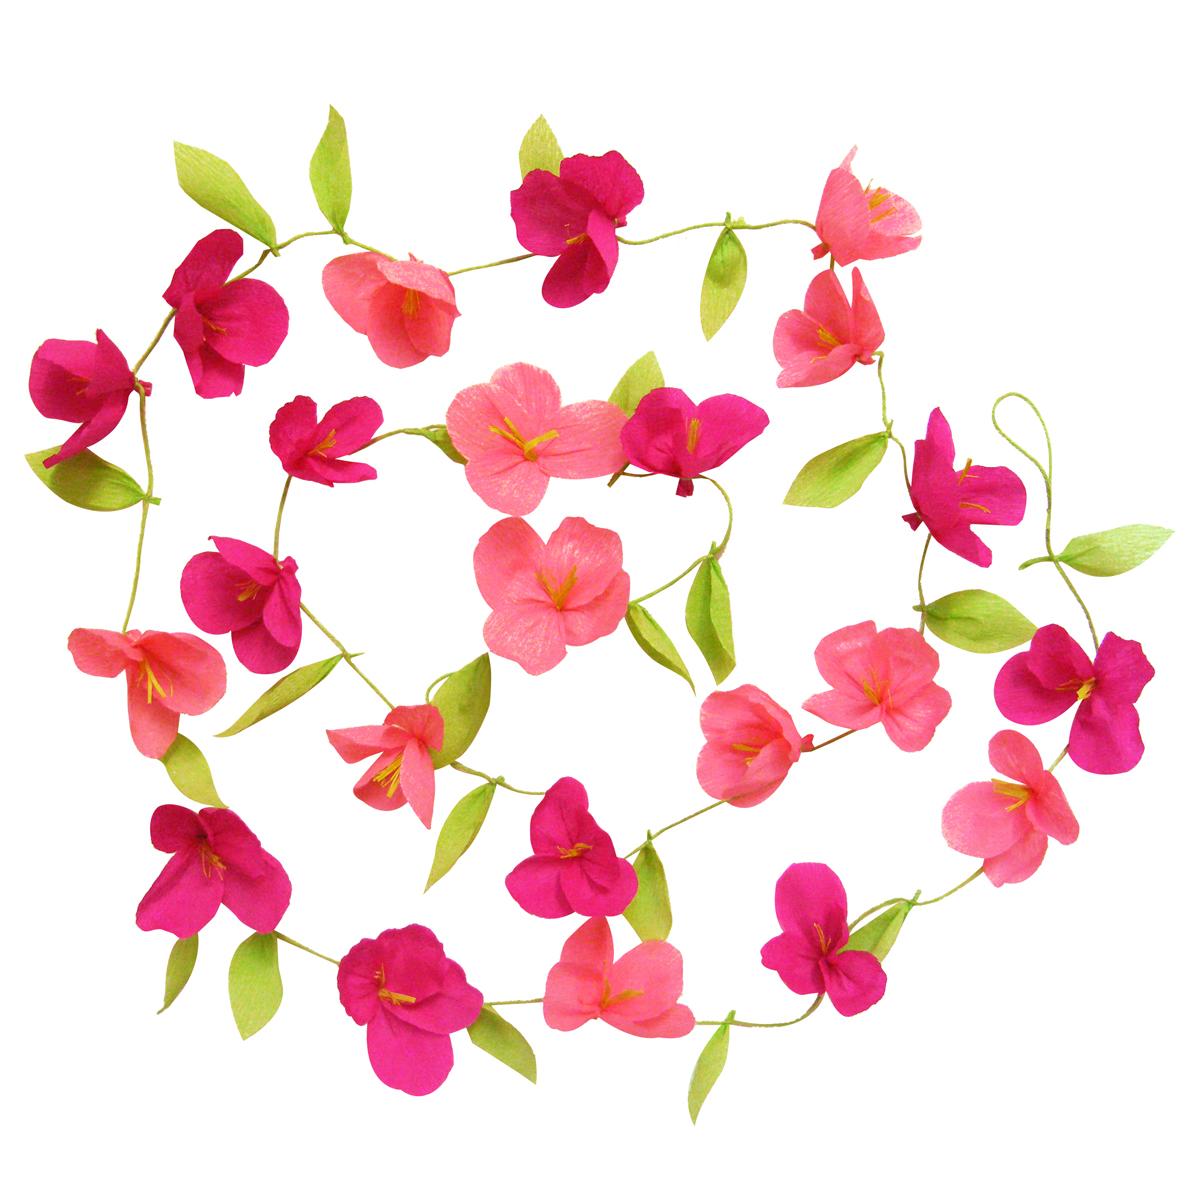 Dessins en couleurs imprimer fleurs num ro 616285 - Dessin de fleur facile ...